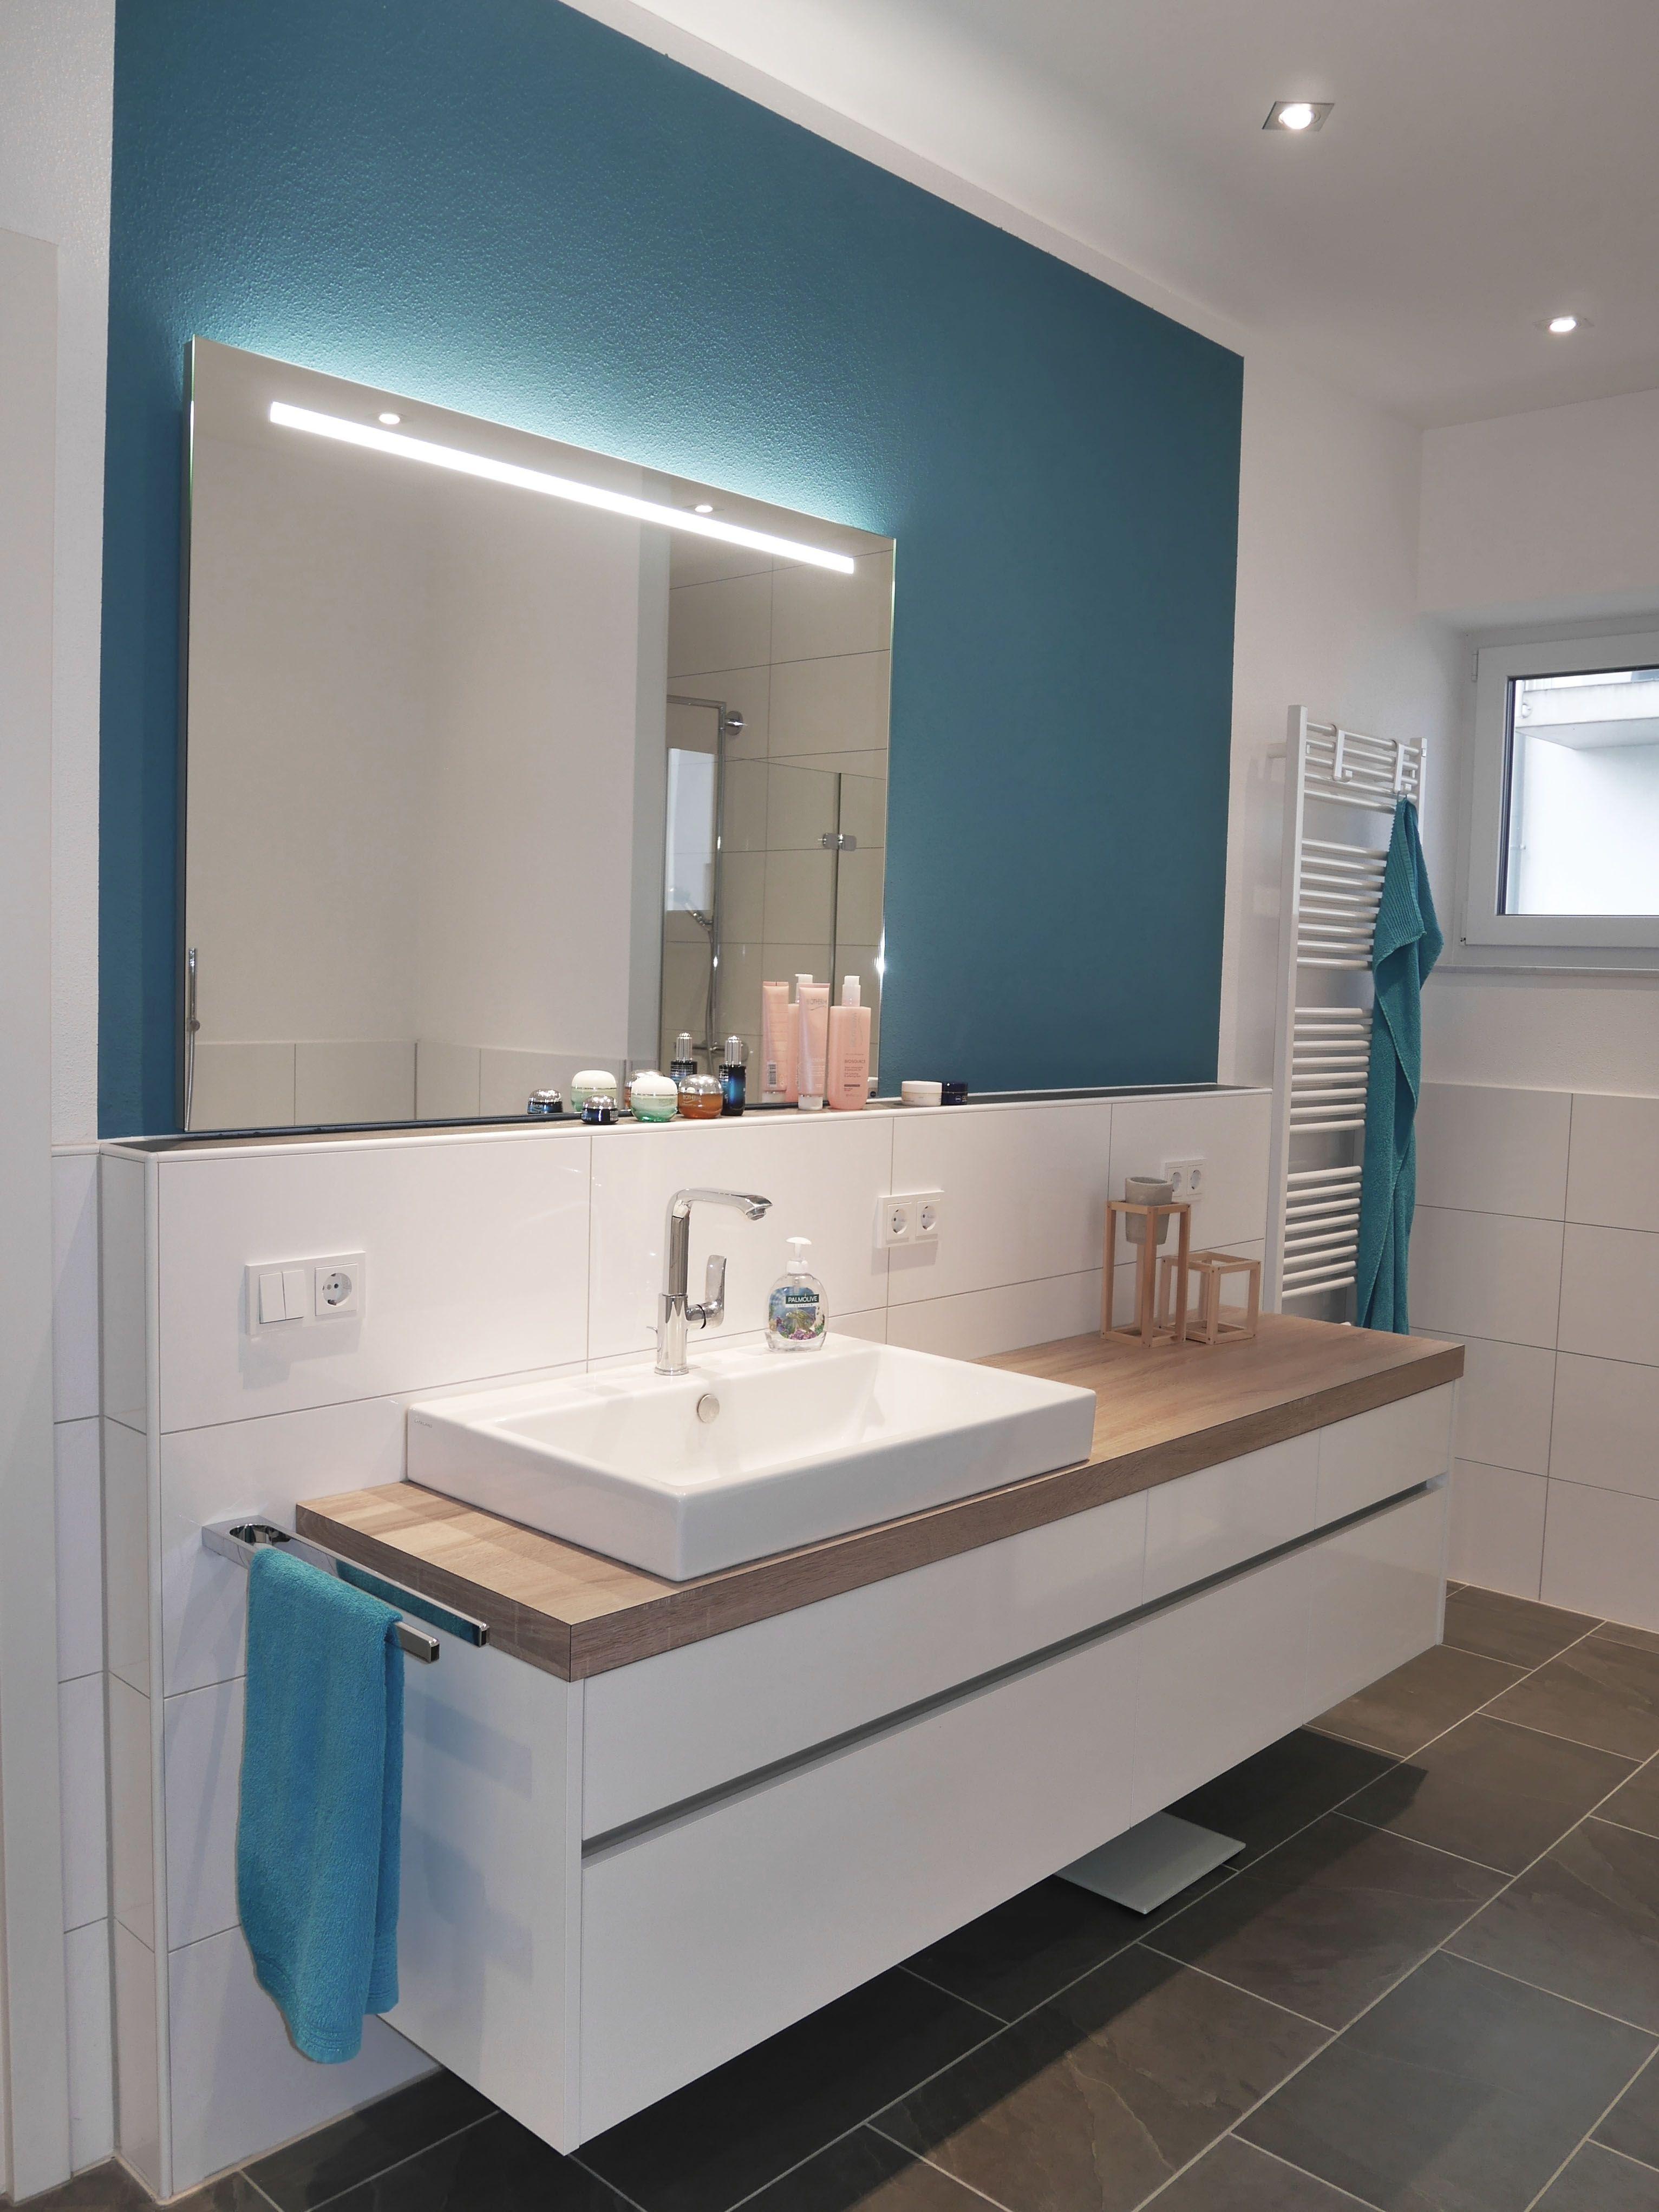 Ein Besonderer Blickpunkt Im Badezimmer Sind Lange Waschtisch Anlagen Mit  Einem Eckigen Aufsatzbecken. Hier